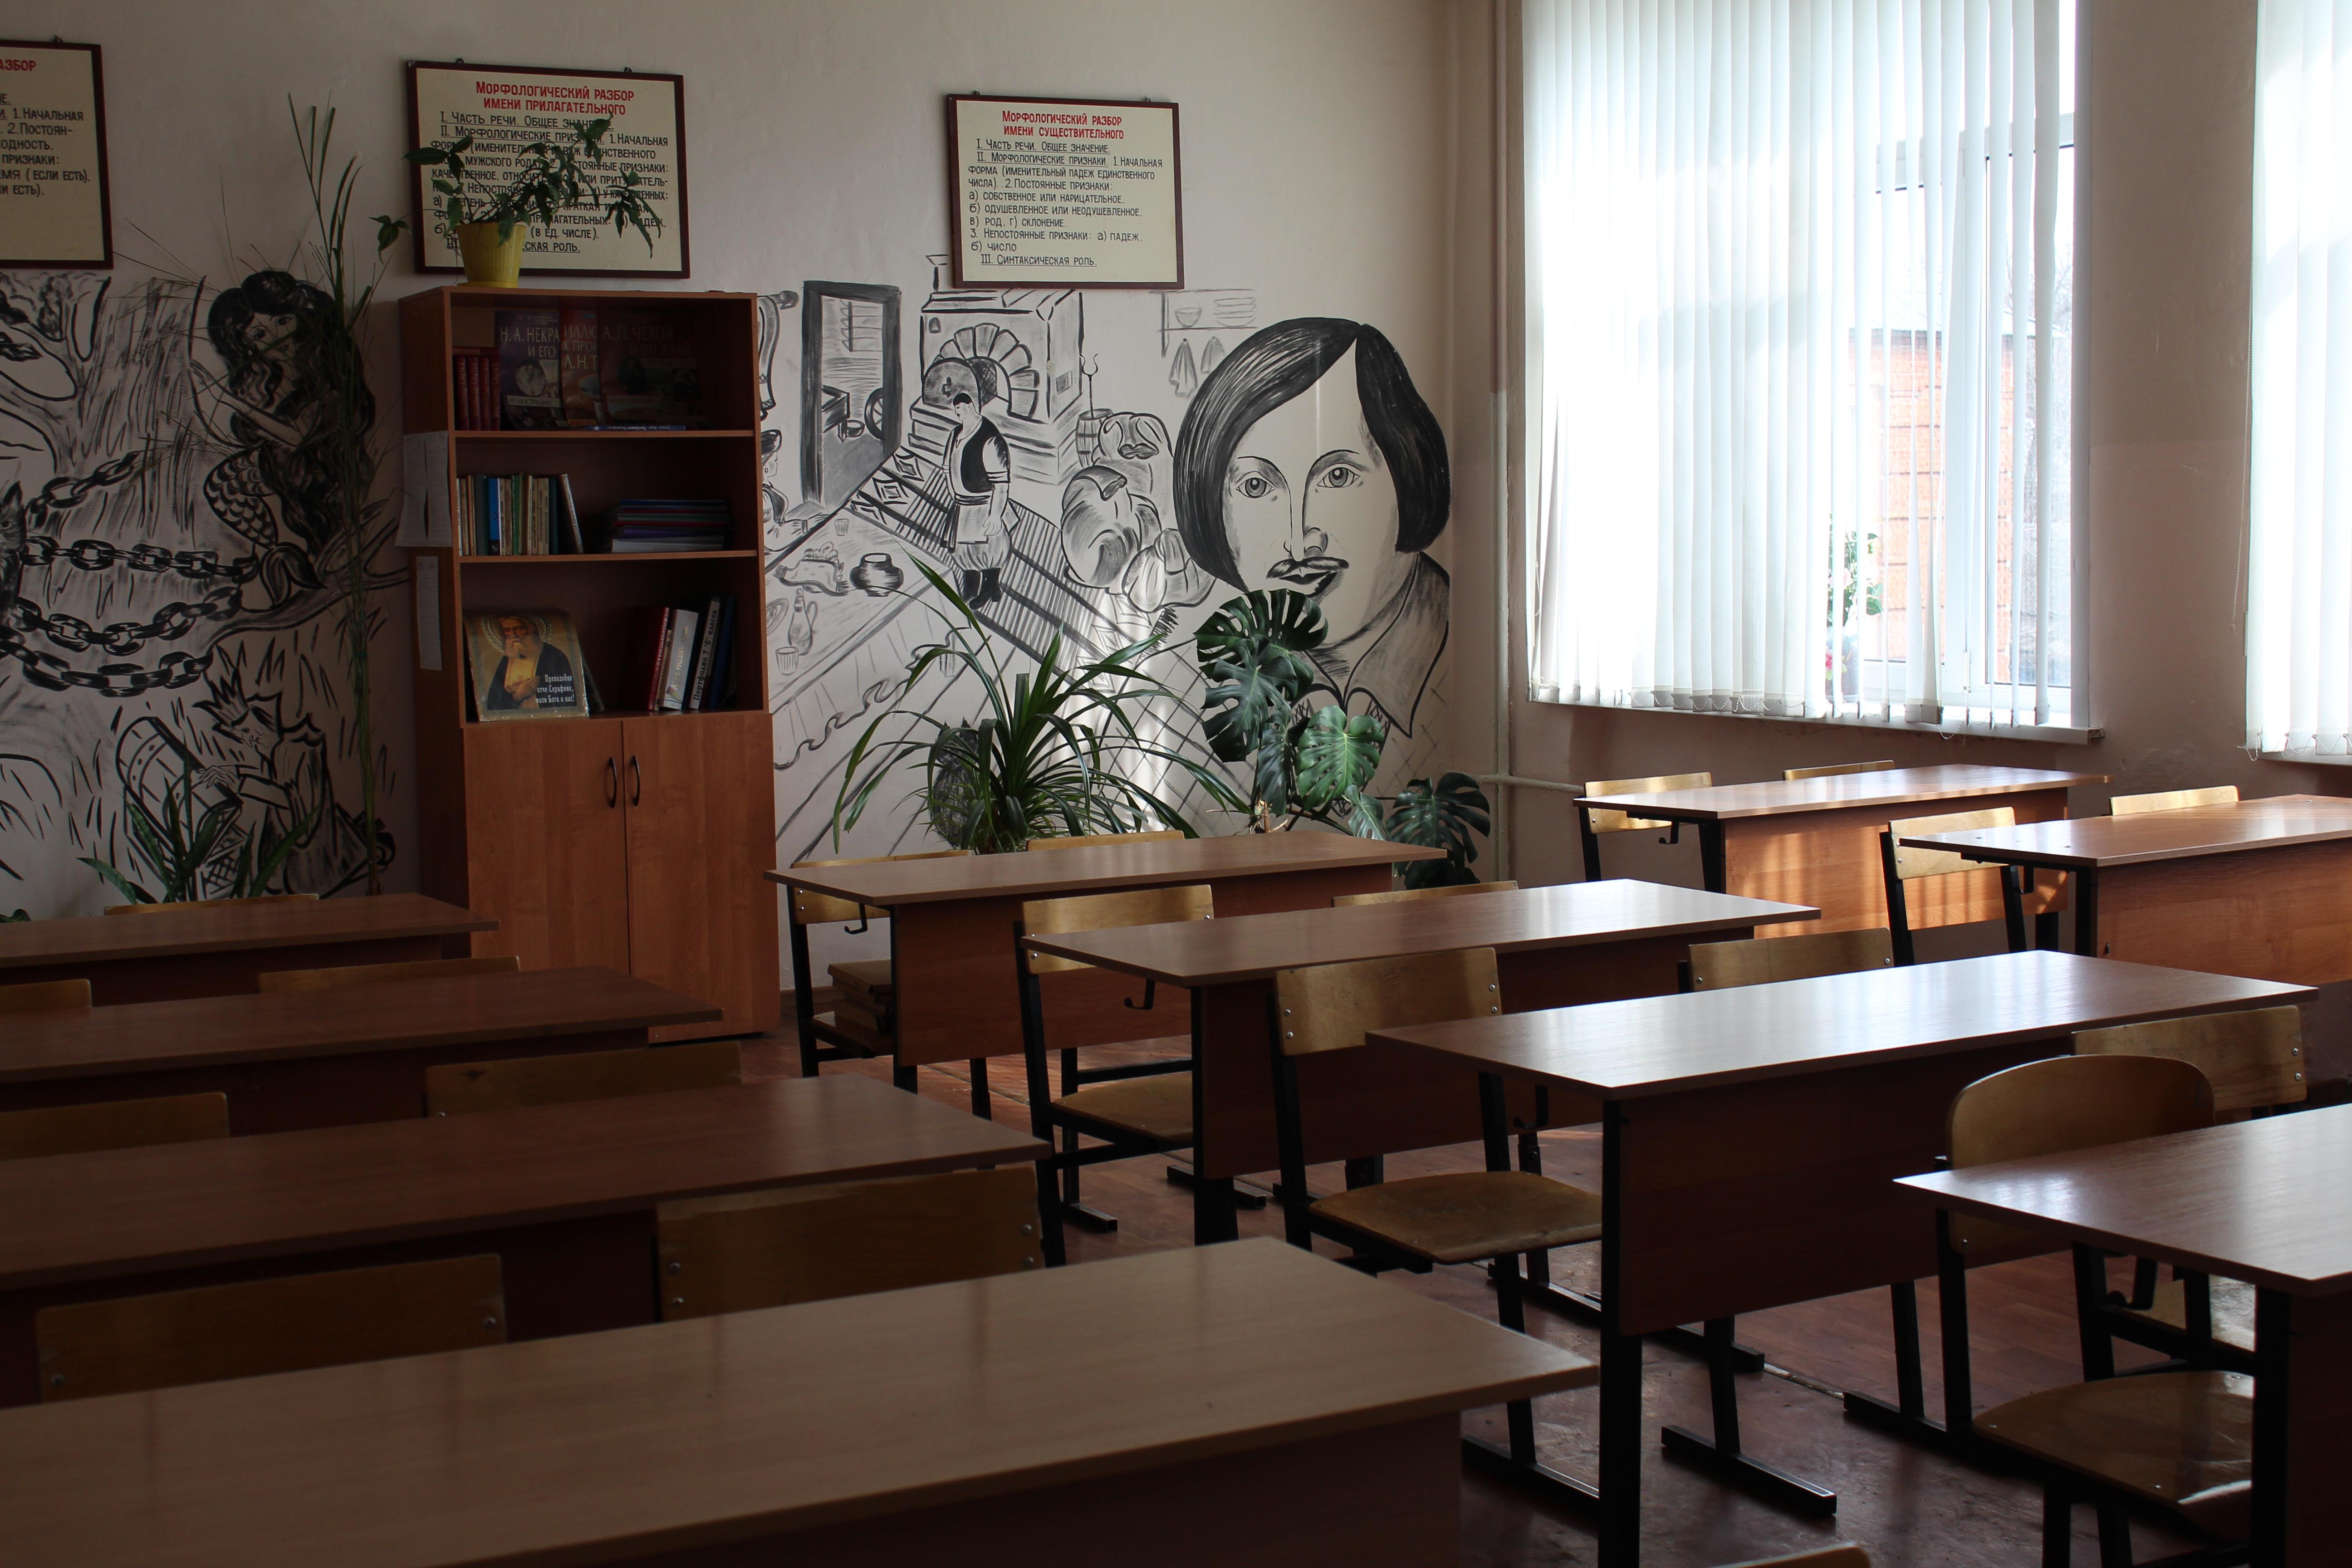 В классе урок на стене висит рисунок нина павловна спросила, днем рождения лейсан